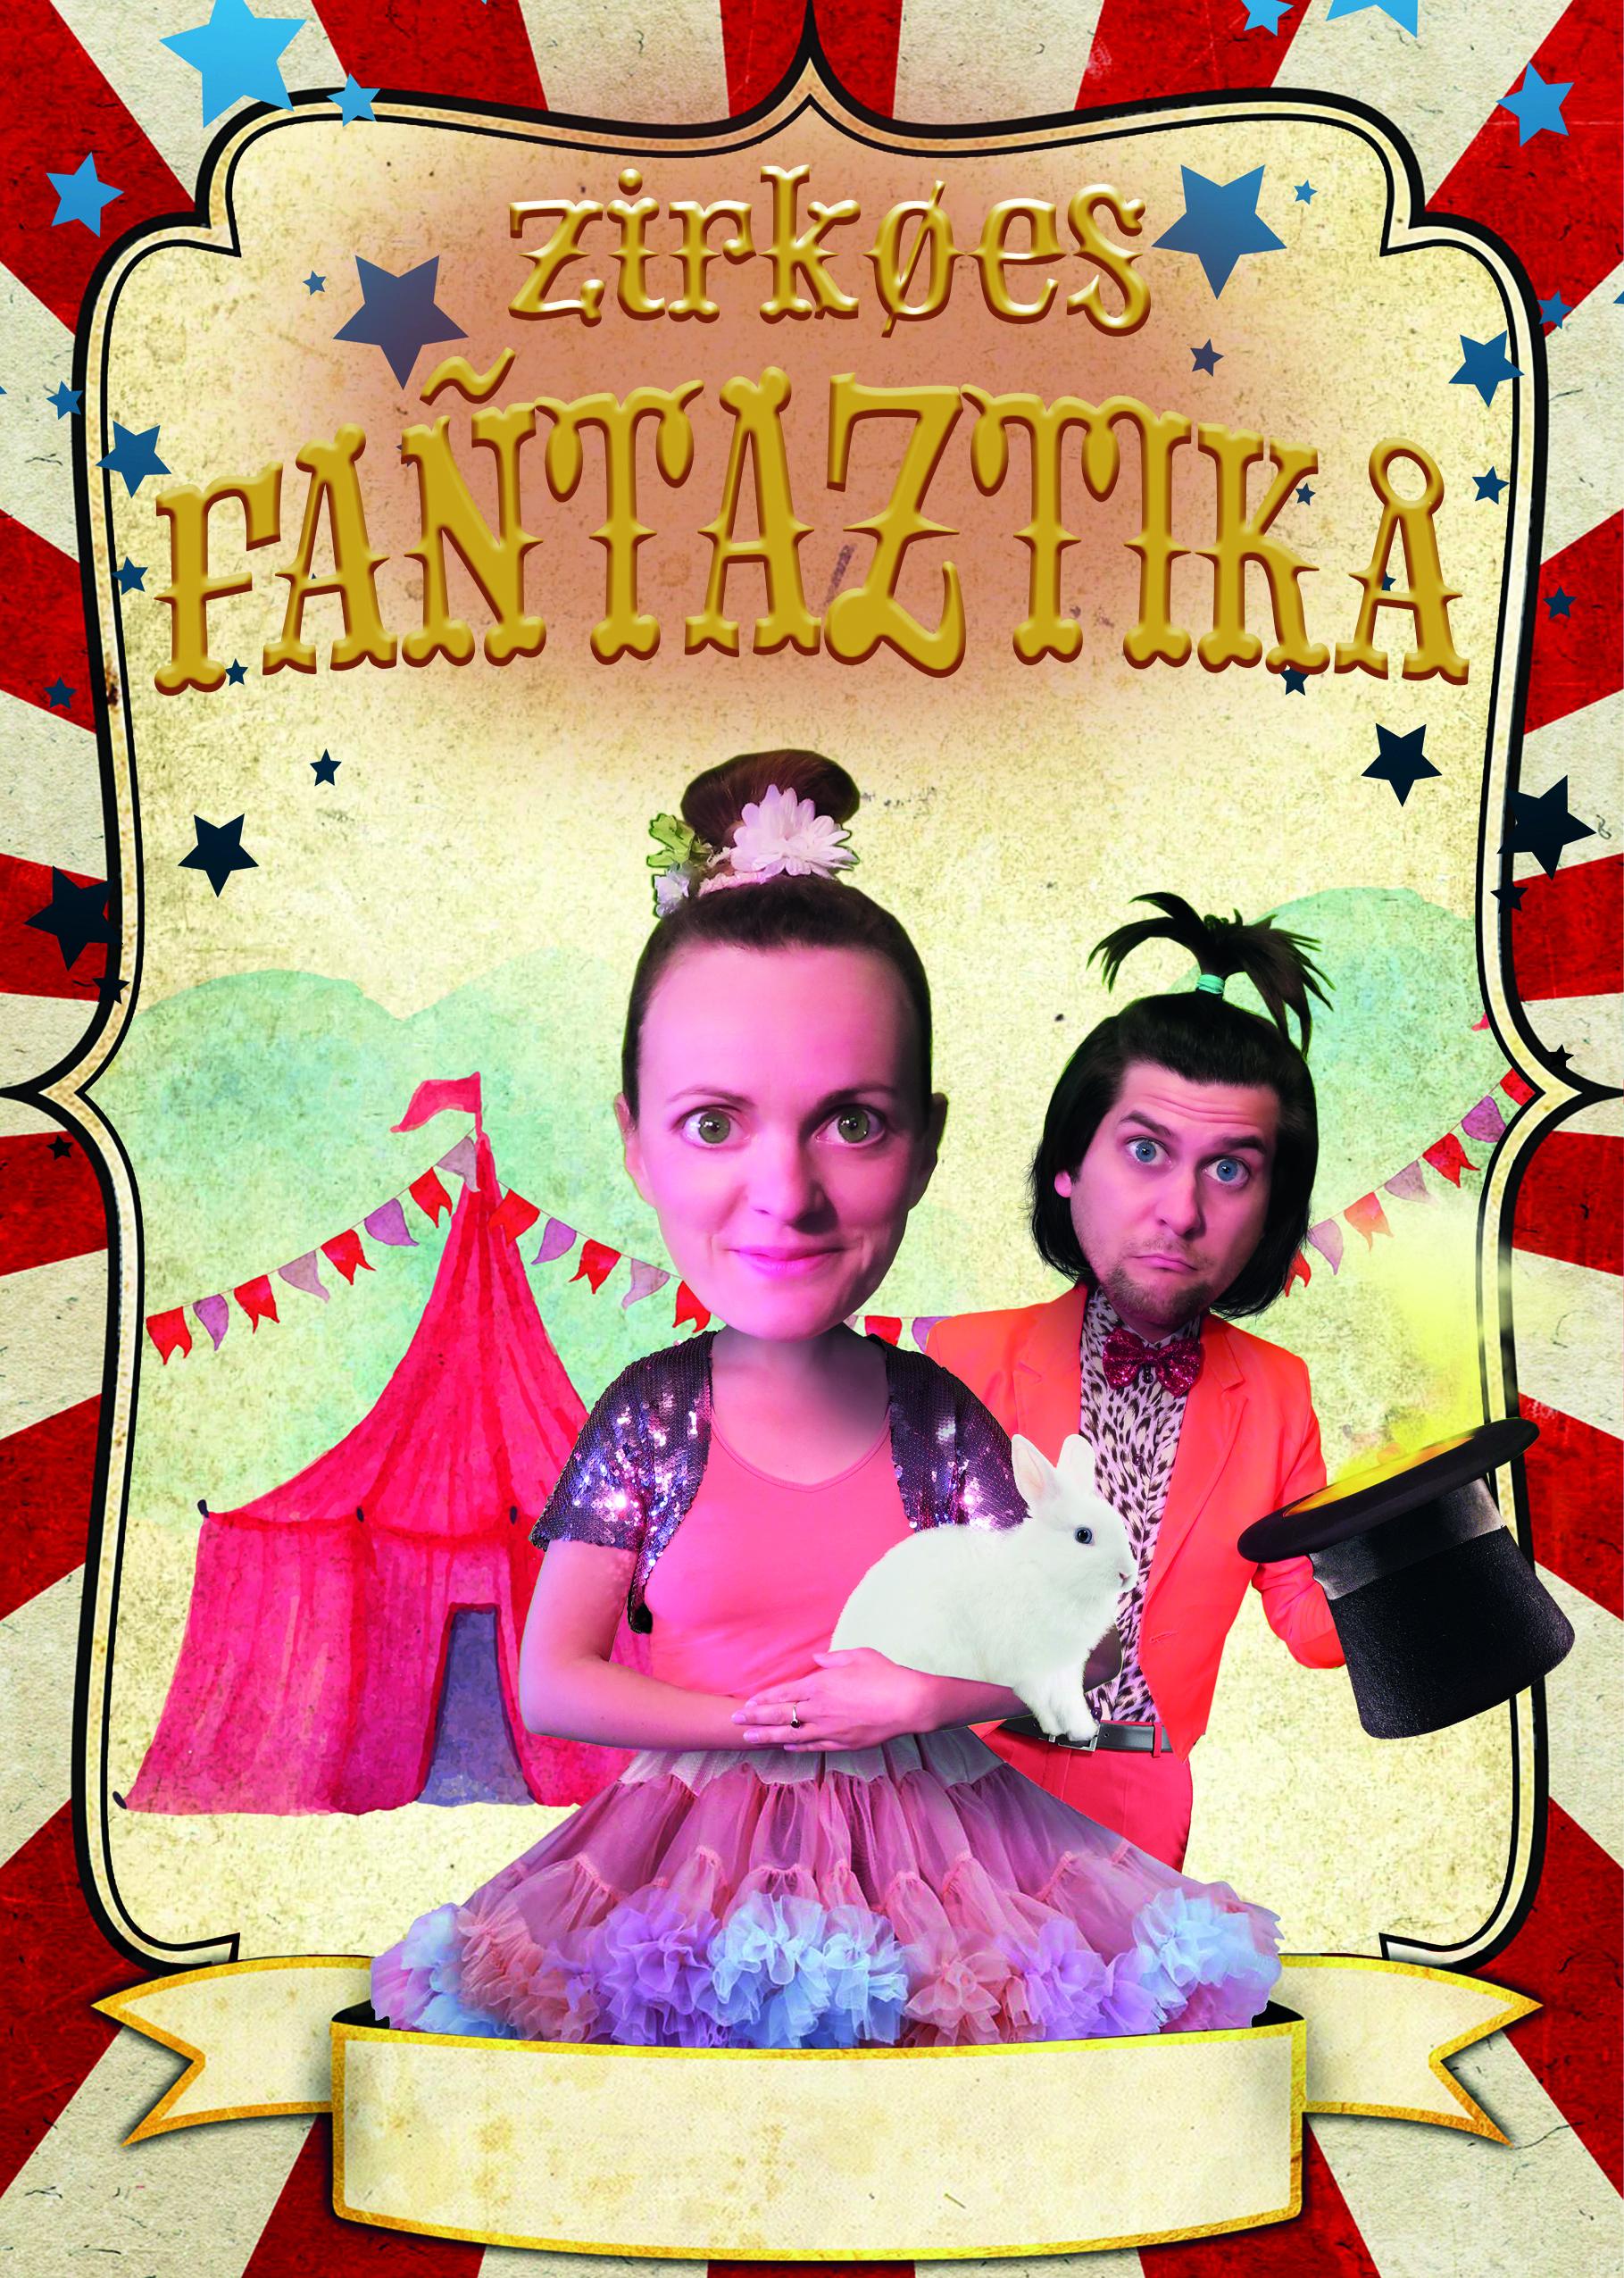 zirkoes-fantaztika-heer-otto-jeugdtheater-pr-3